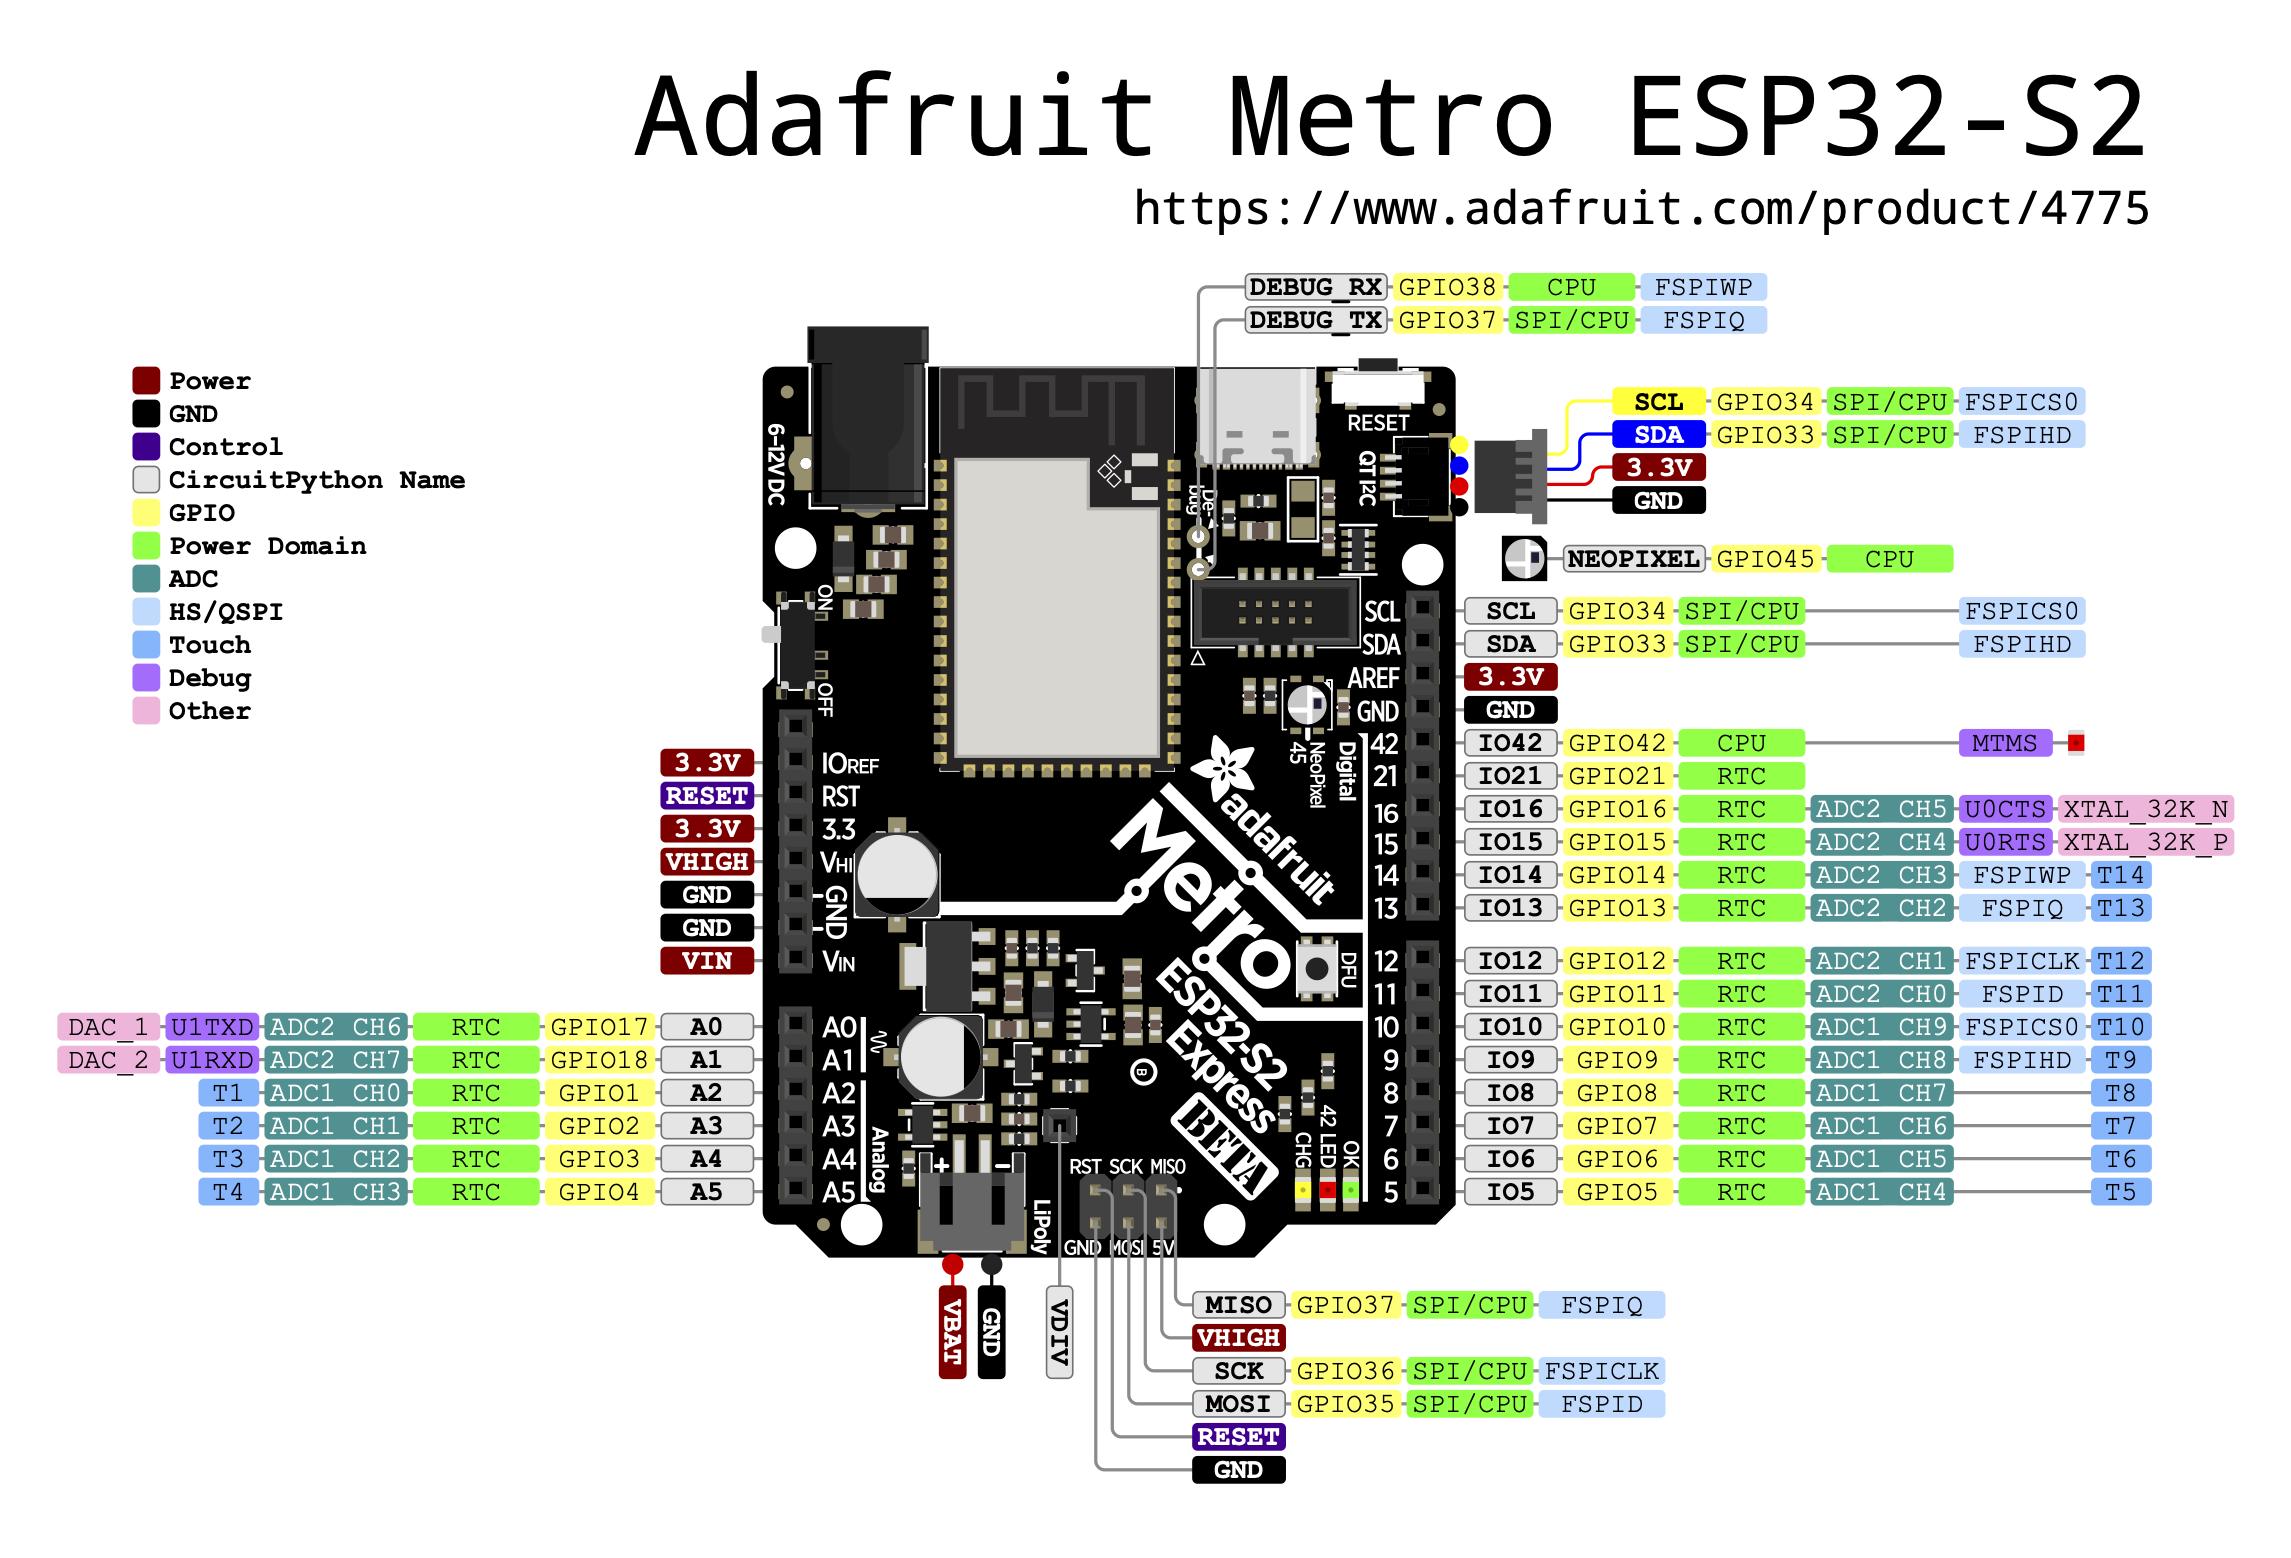 adafruit_products_Adafruit_Metro_ESP32-S2_pinout.png